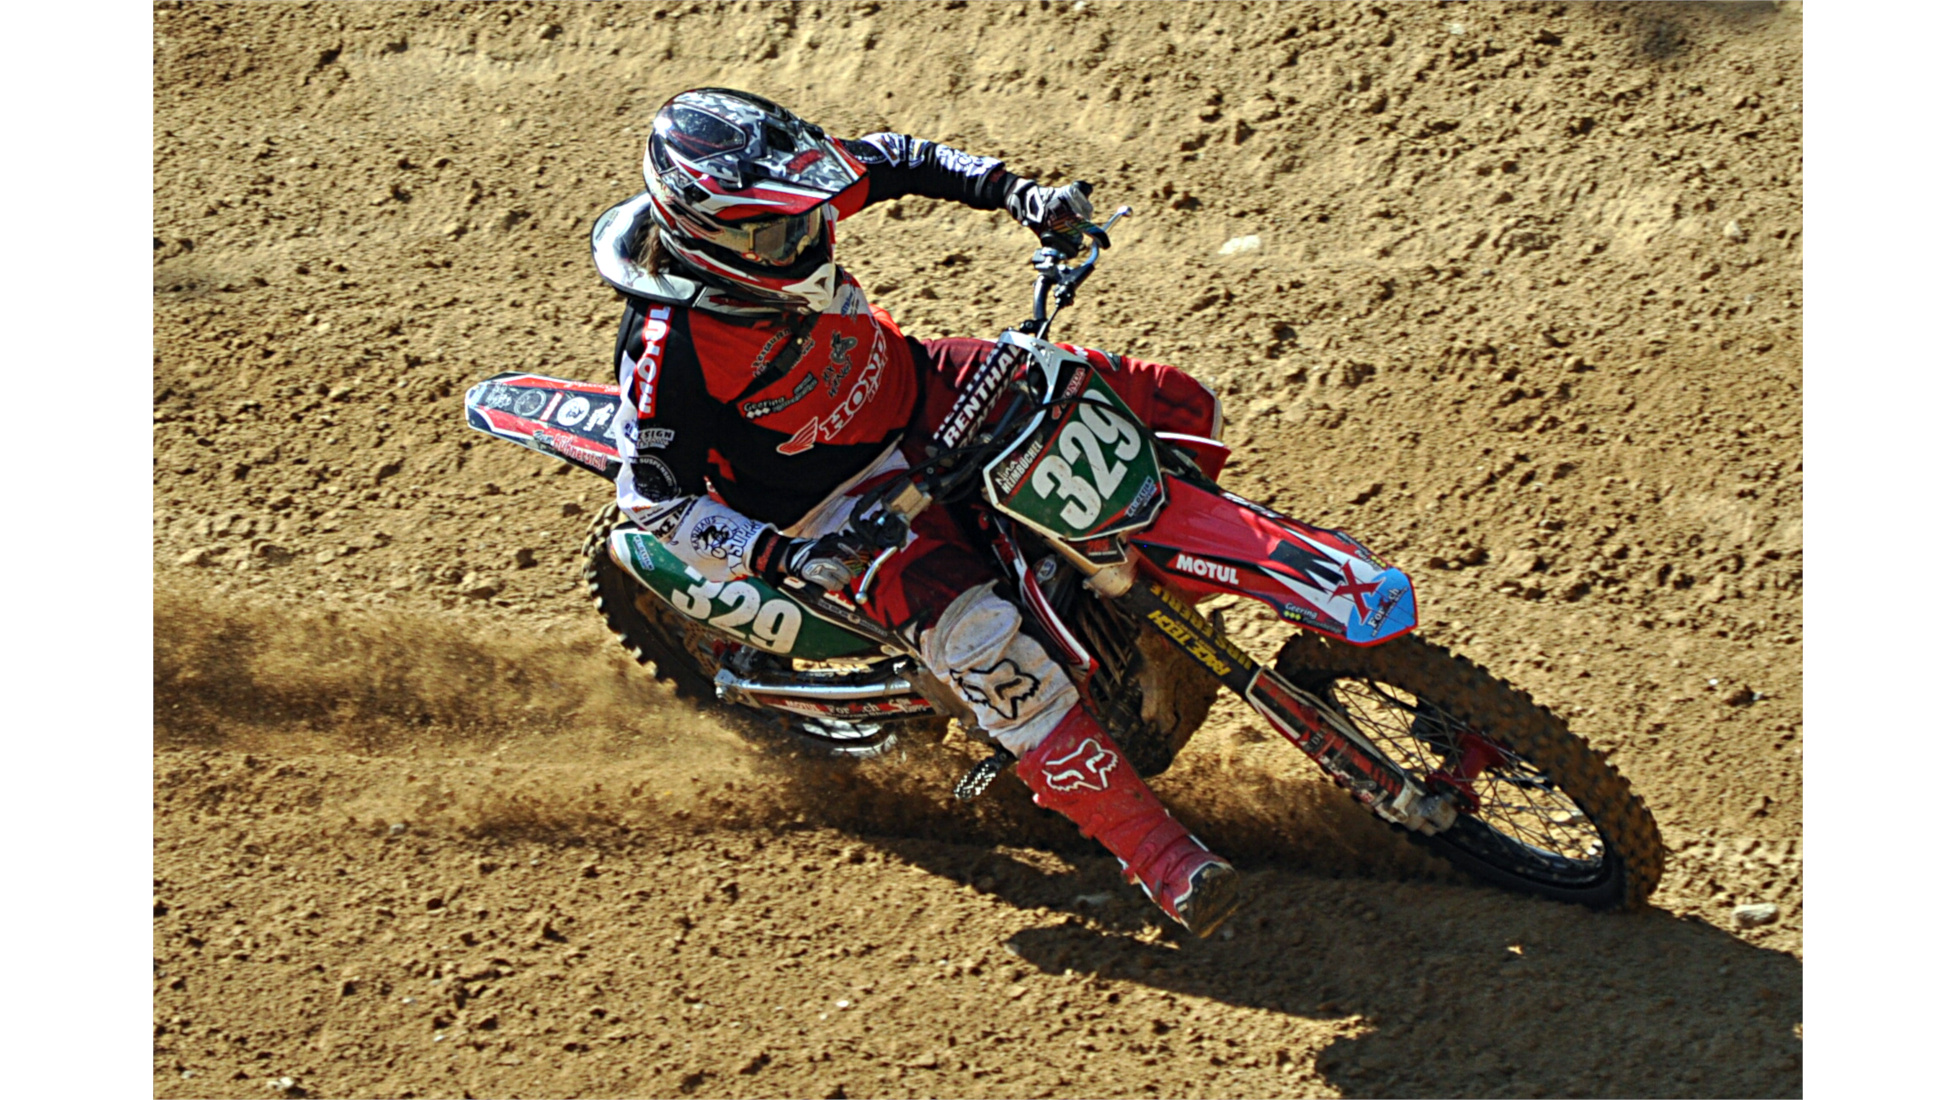 Training # 329 - Nina Heimbüchel- Motocross-Adventskalender - miradlo Versanddepot